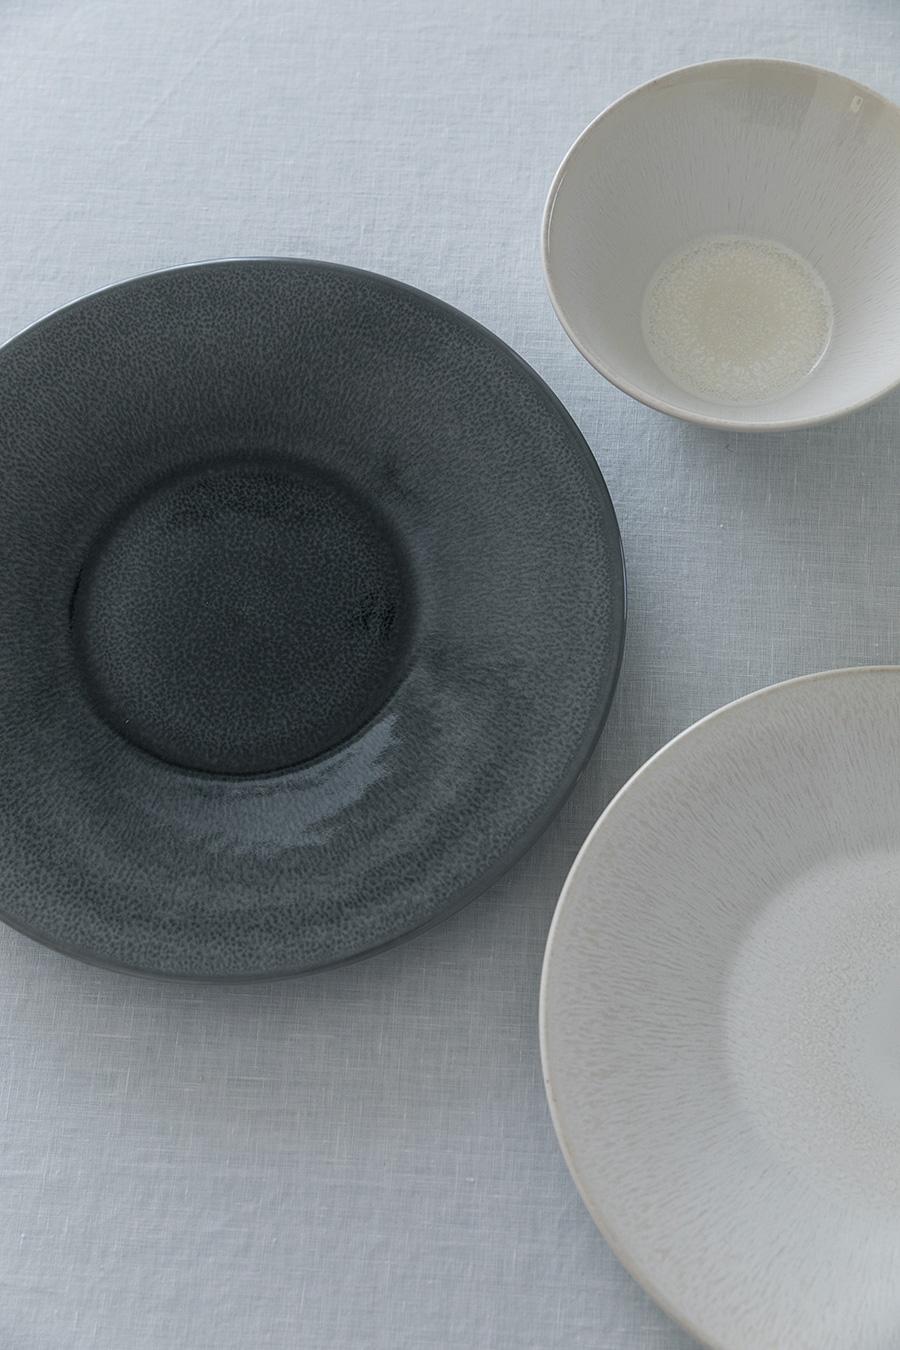 器は「一目惚れ」で選ぶことが多い。フランスの陶磁器「Jarz」は、和洋中問わずに料理を引き立ててくれるという。